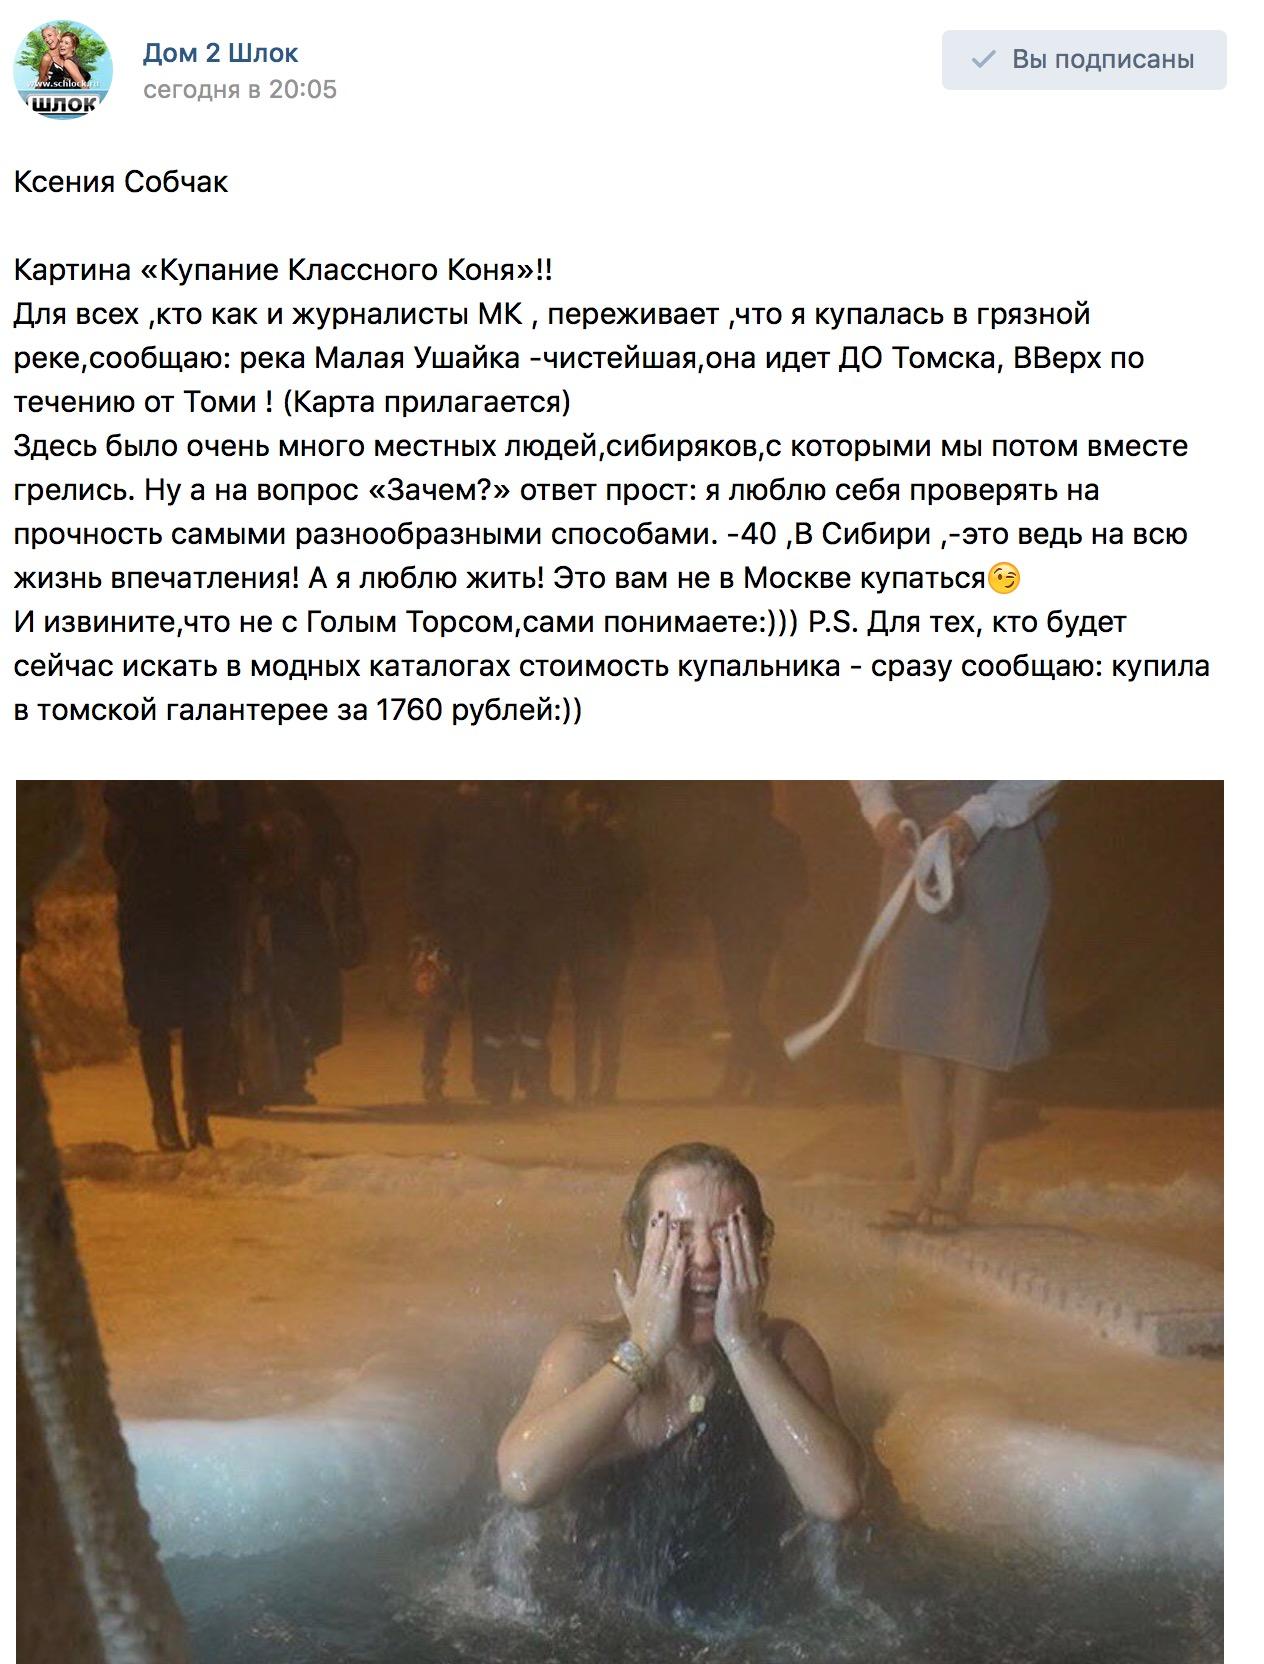 Ксения Собчак. Картина «Купание Классного Коня»